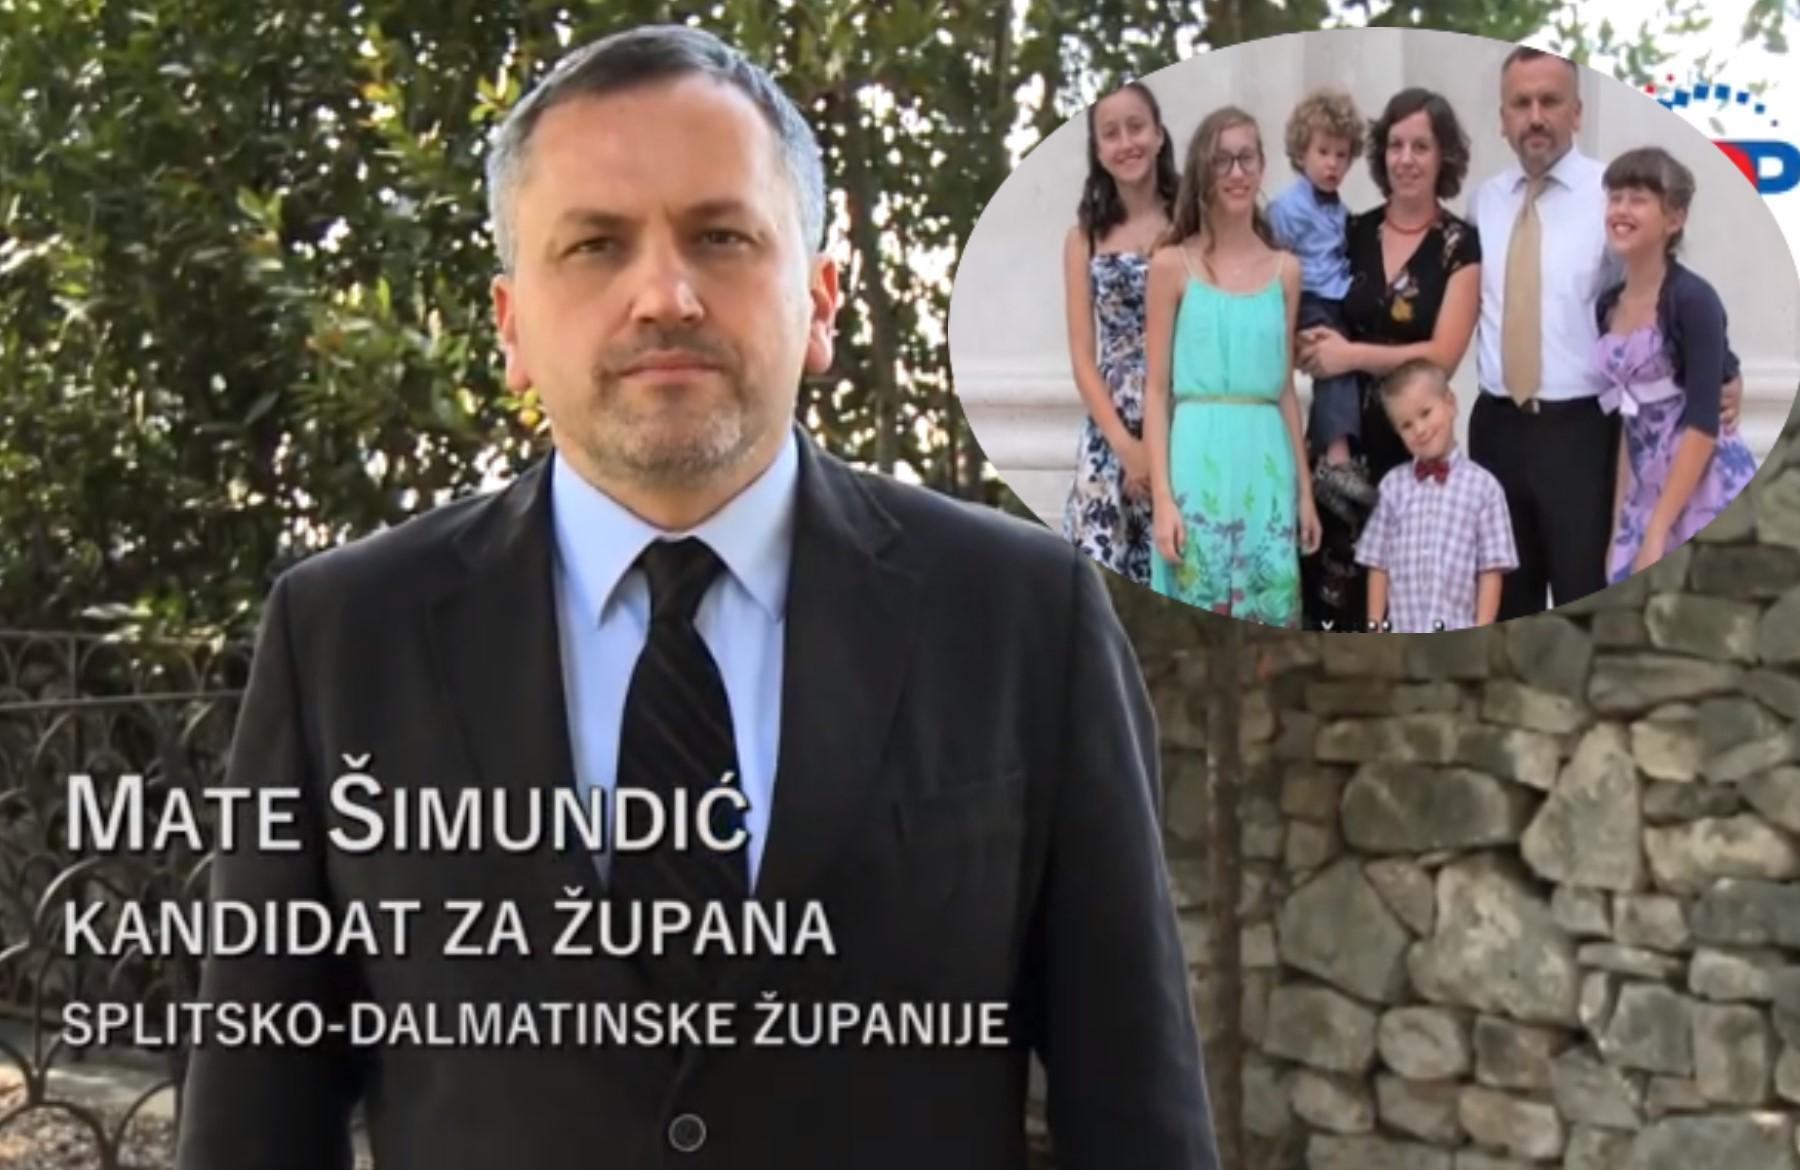 Zapelo u SD županiji : DP poziva Most da zajedno podrže HDZ - Page 6 Simunidc